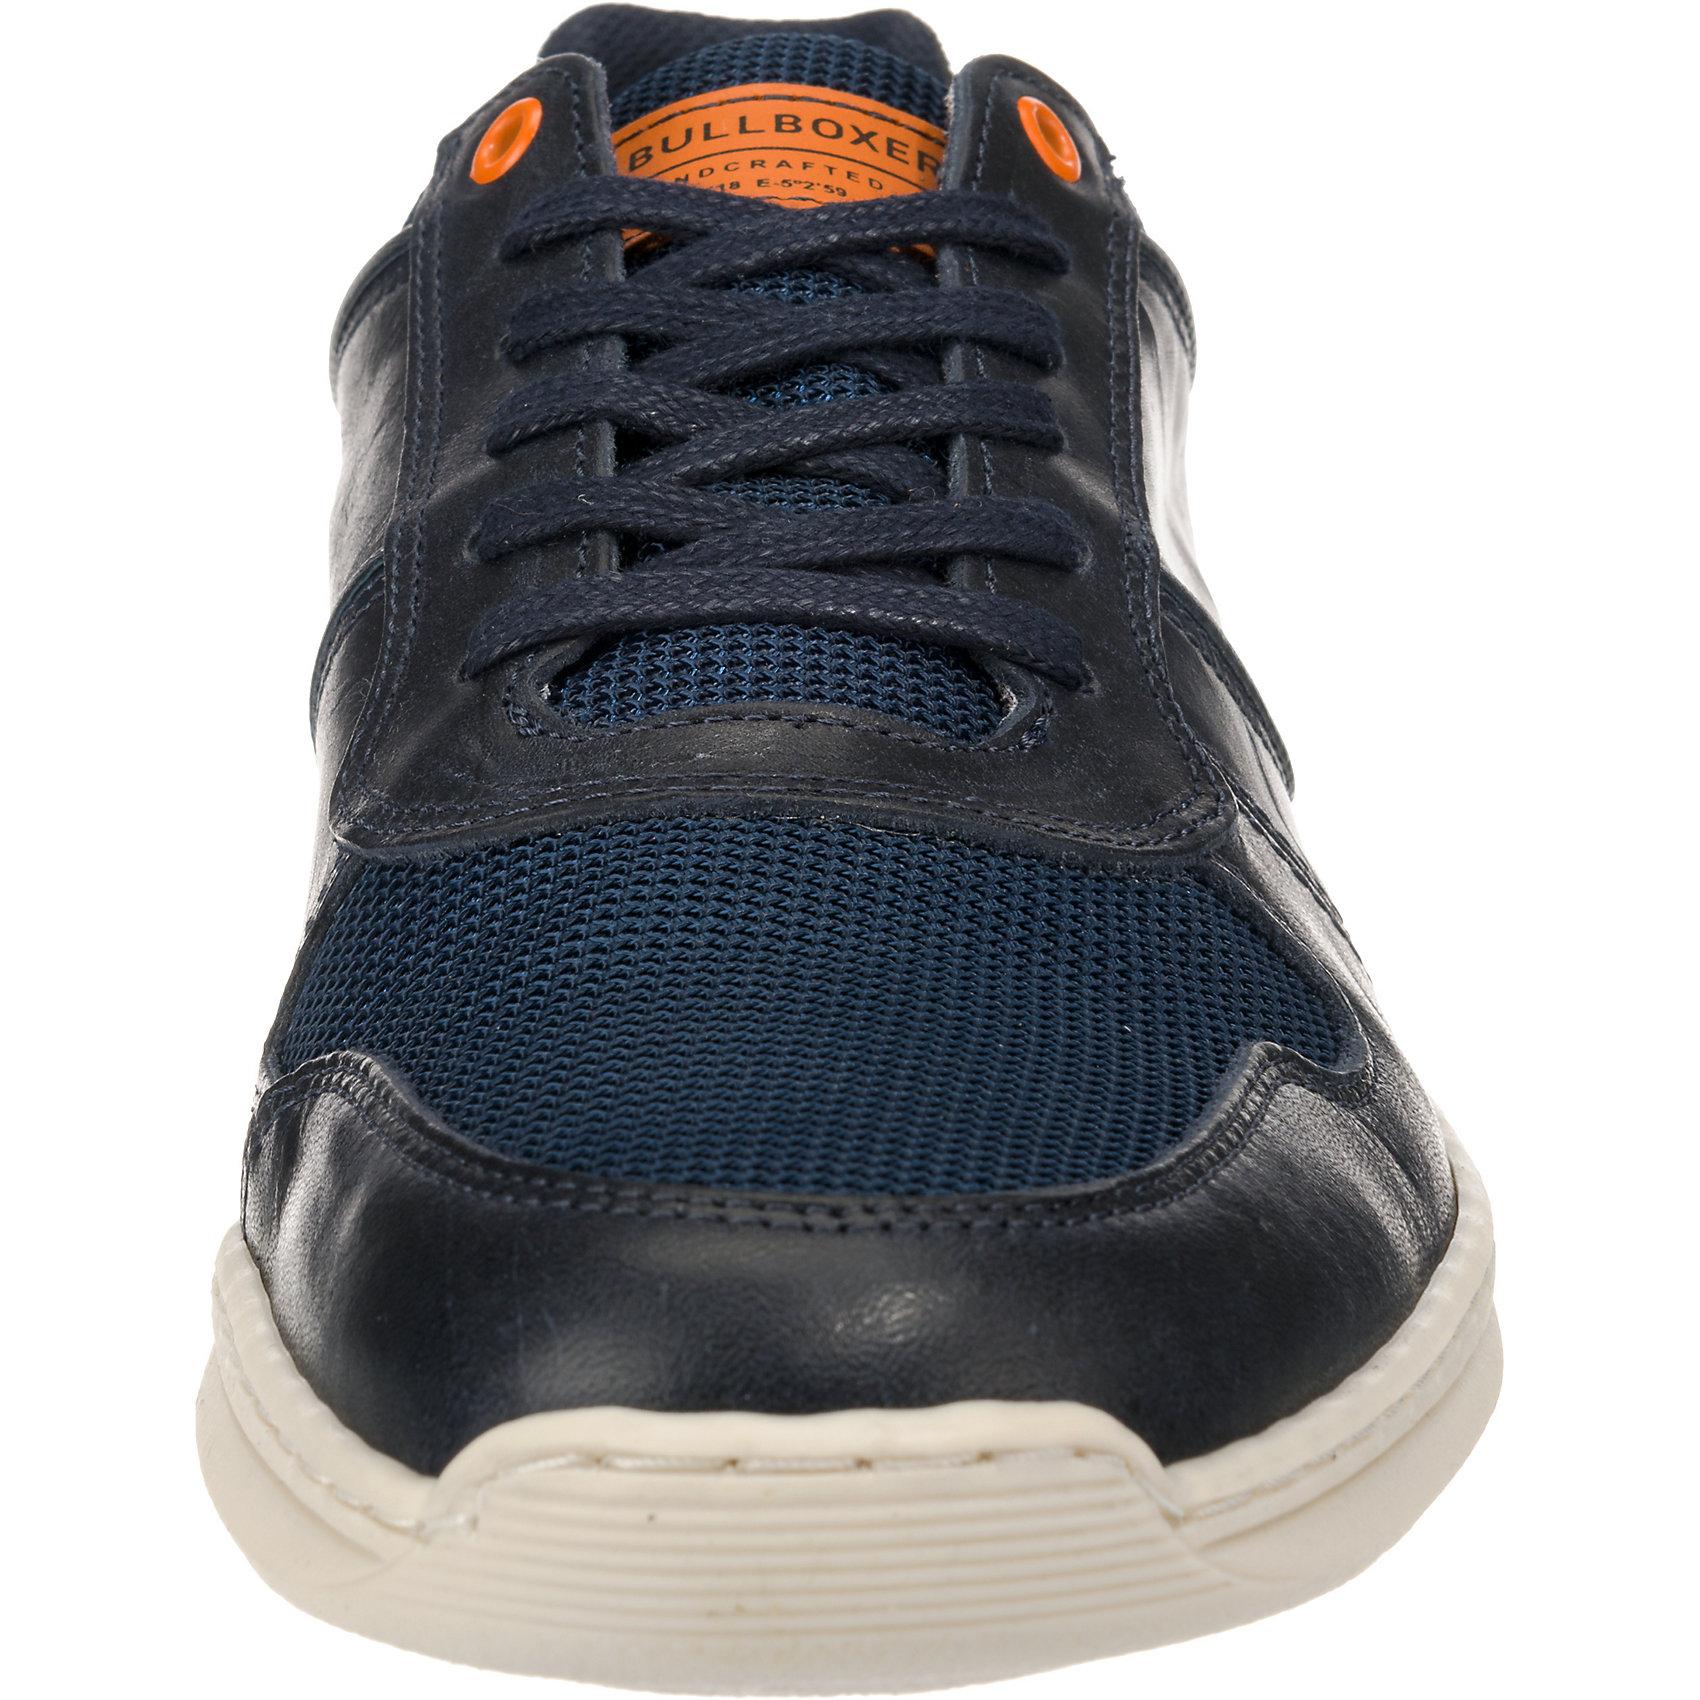 Neu BULLBOXER Sneakers Sneakers Sneakers Niedrig 7970549 für Herren dunkelblau schwarz weiß 856b99